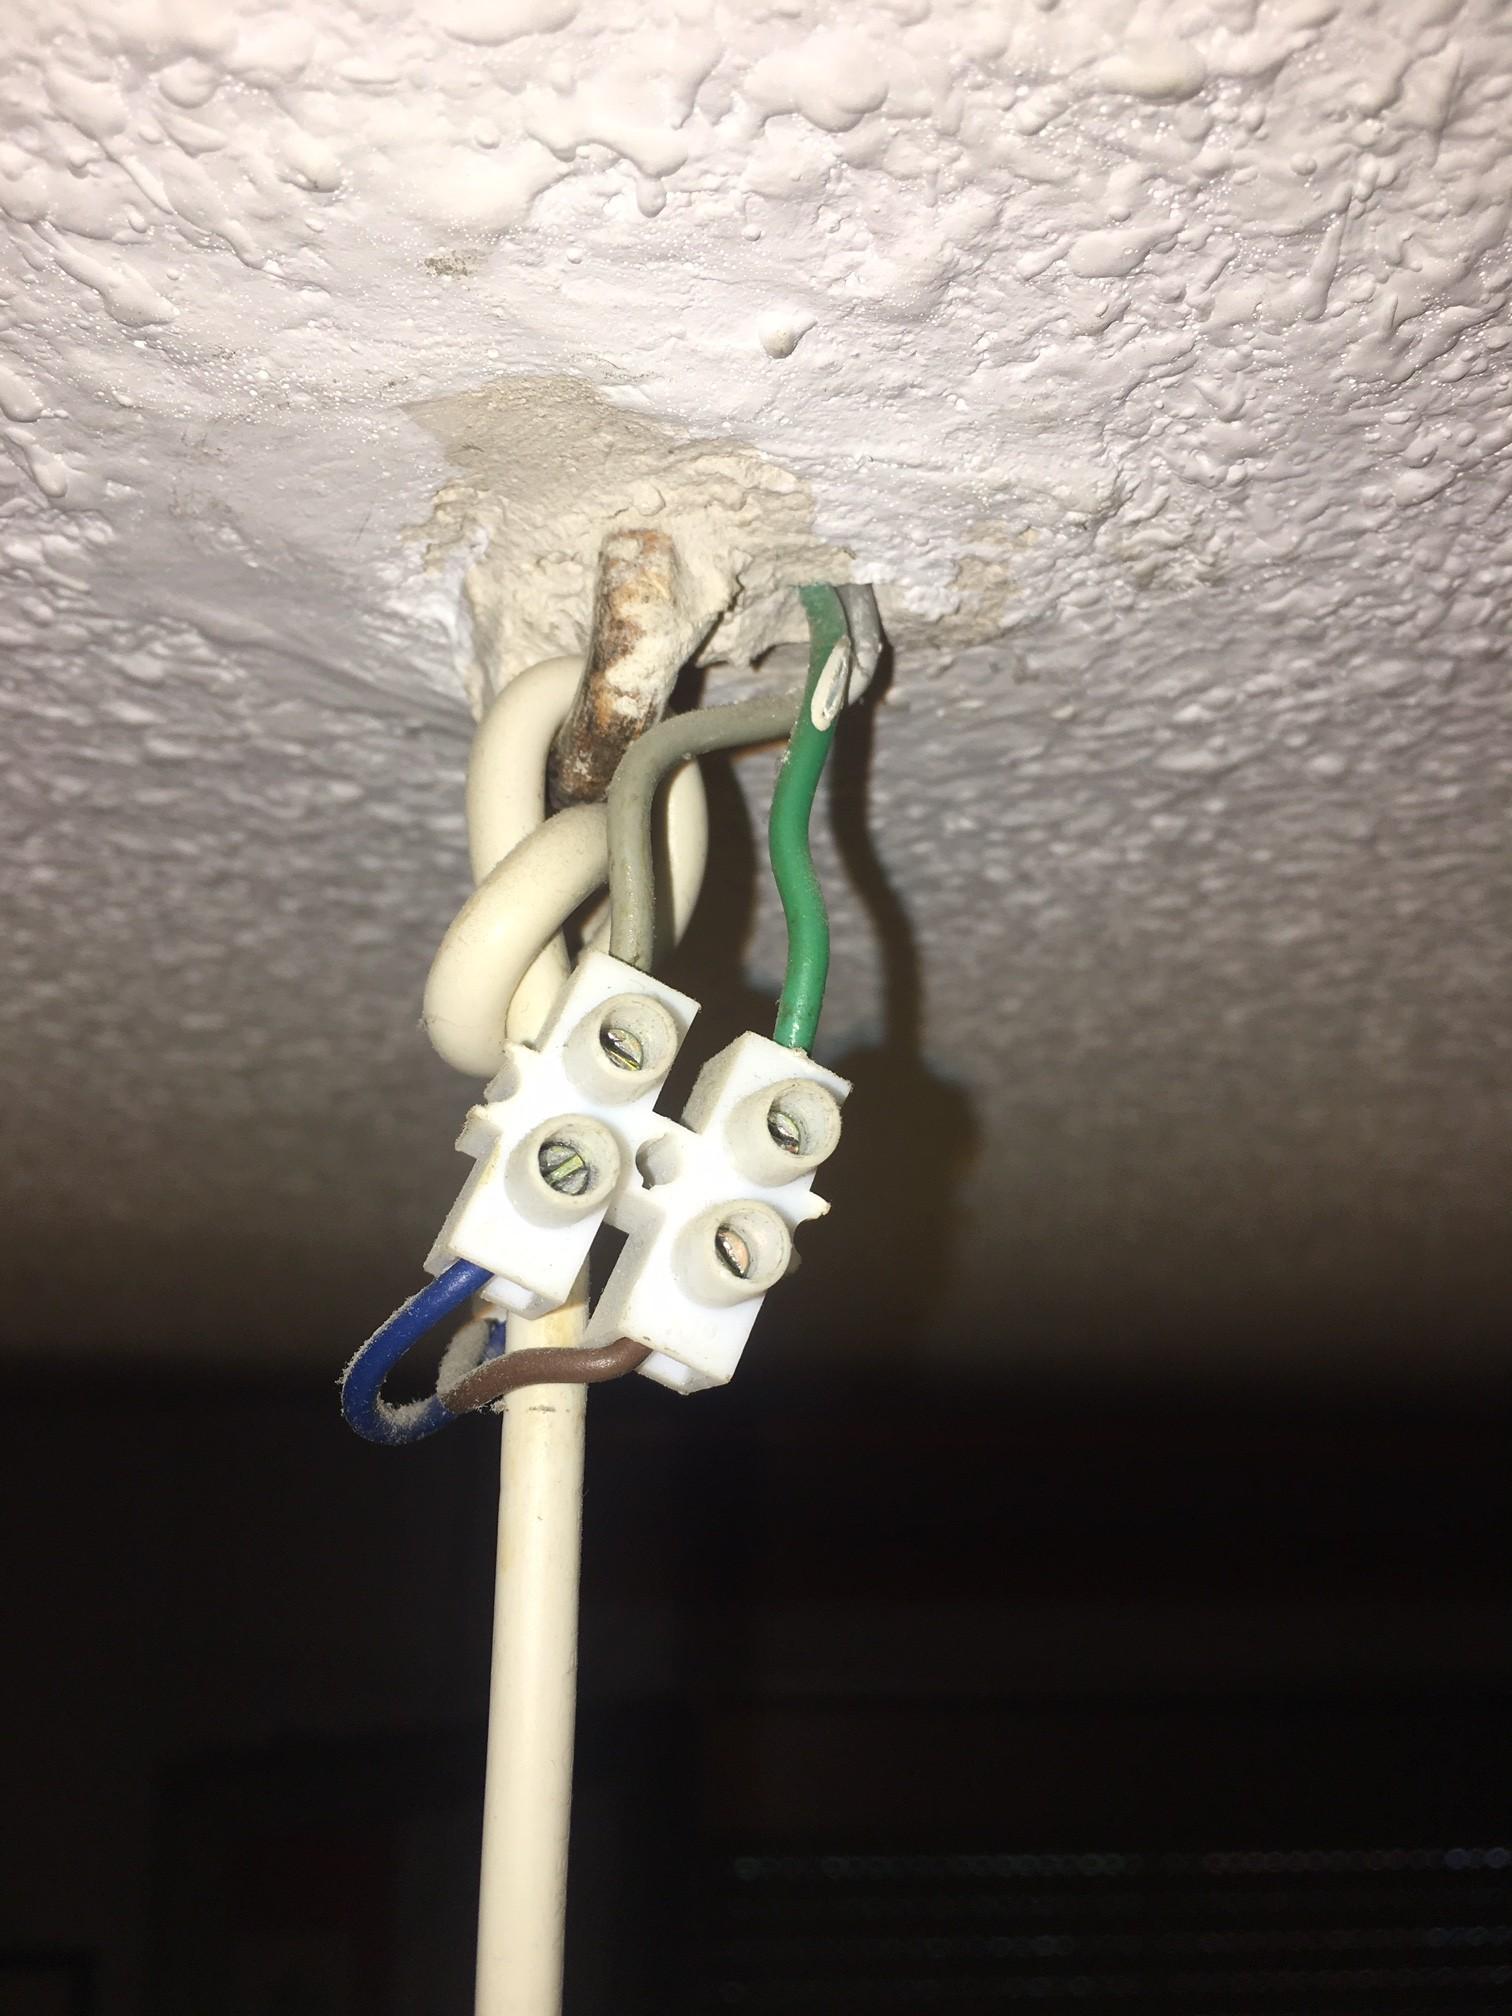 Instalación ventilador en casa antigua